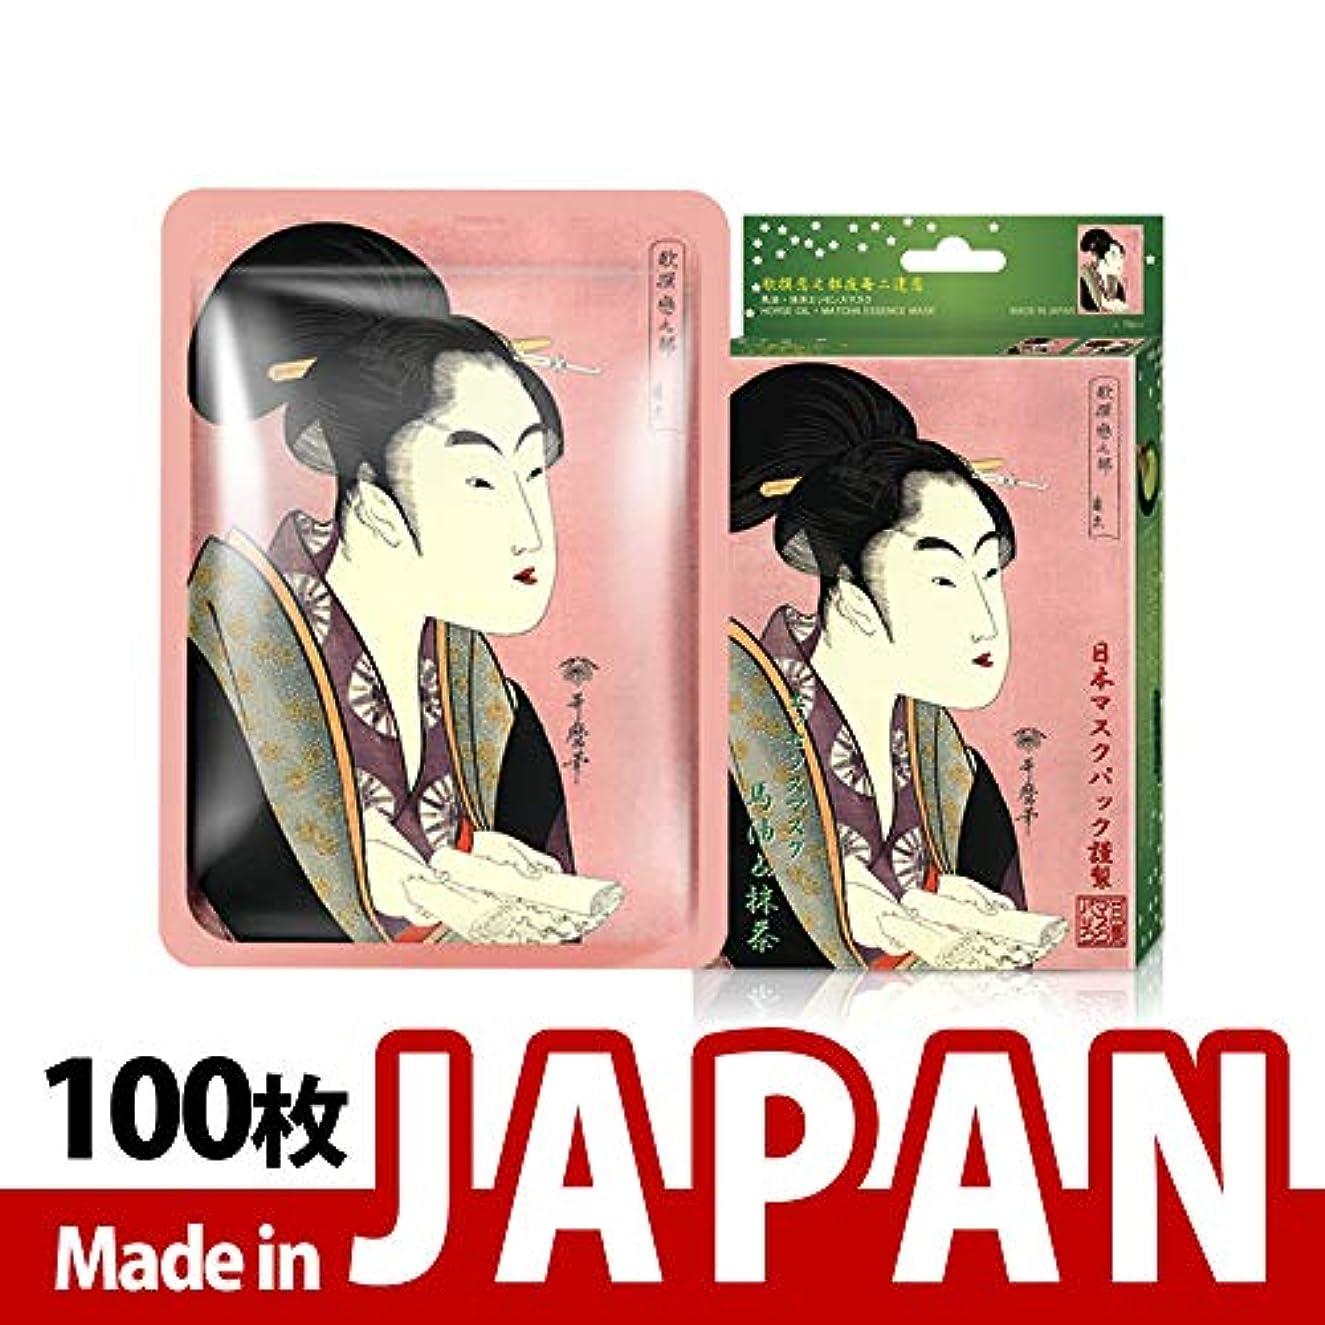 上にアラーム硫黄MITOMO【JP005-A-0】日本製シートマスク/10枚入り/100枚/美容液/マスクパック/送料無料